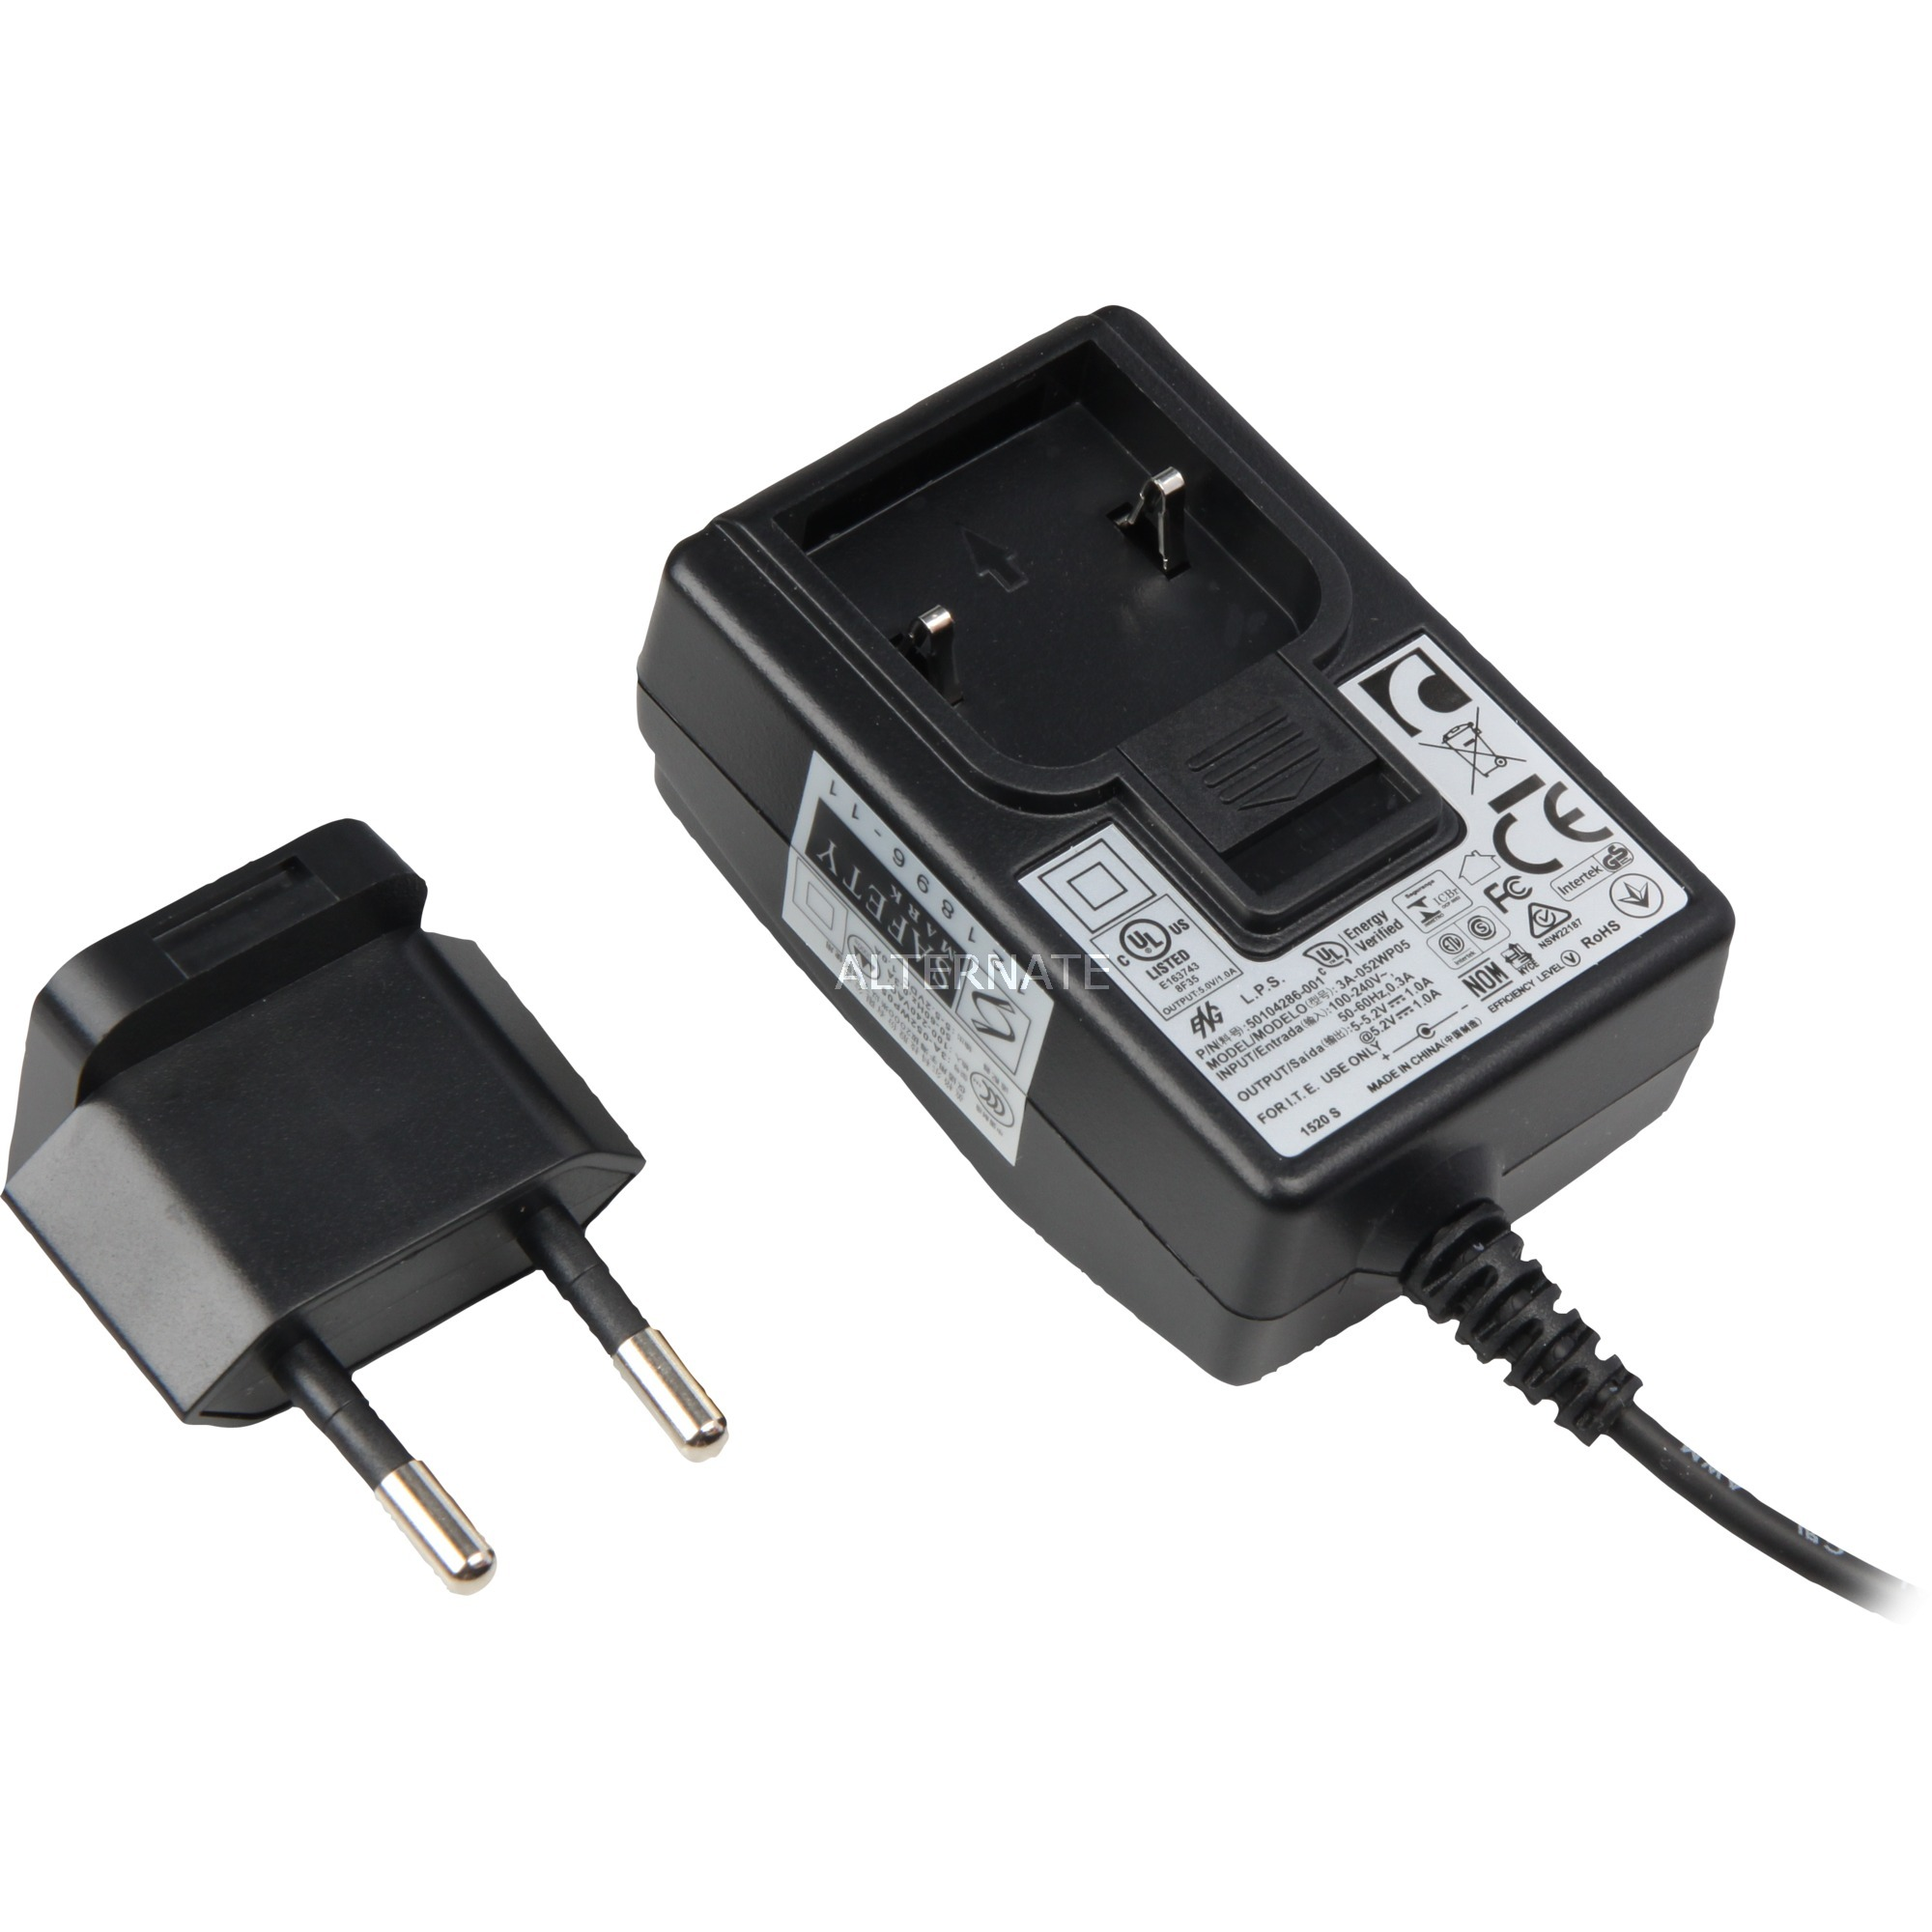 PS-05-1000W-C Interior Negro adaptador e inversor de corriente, Fuente de alimentación